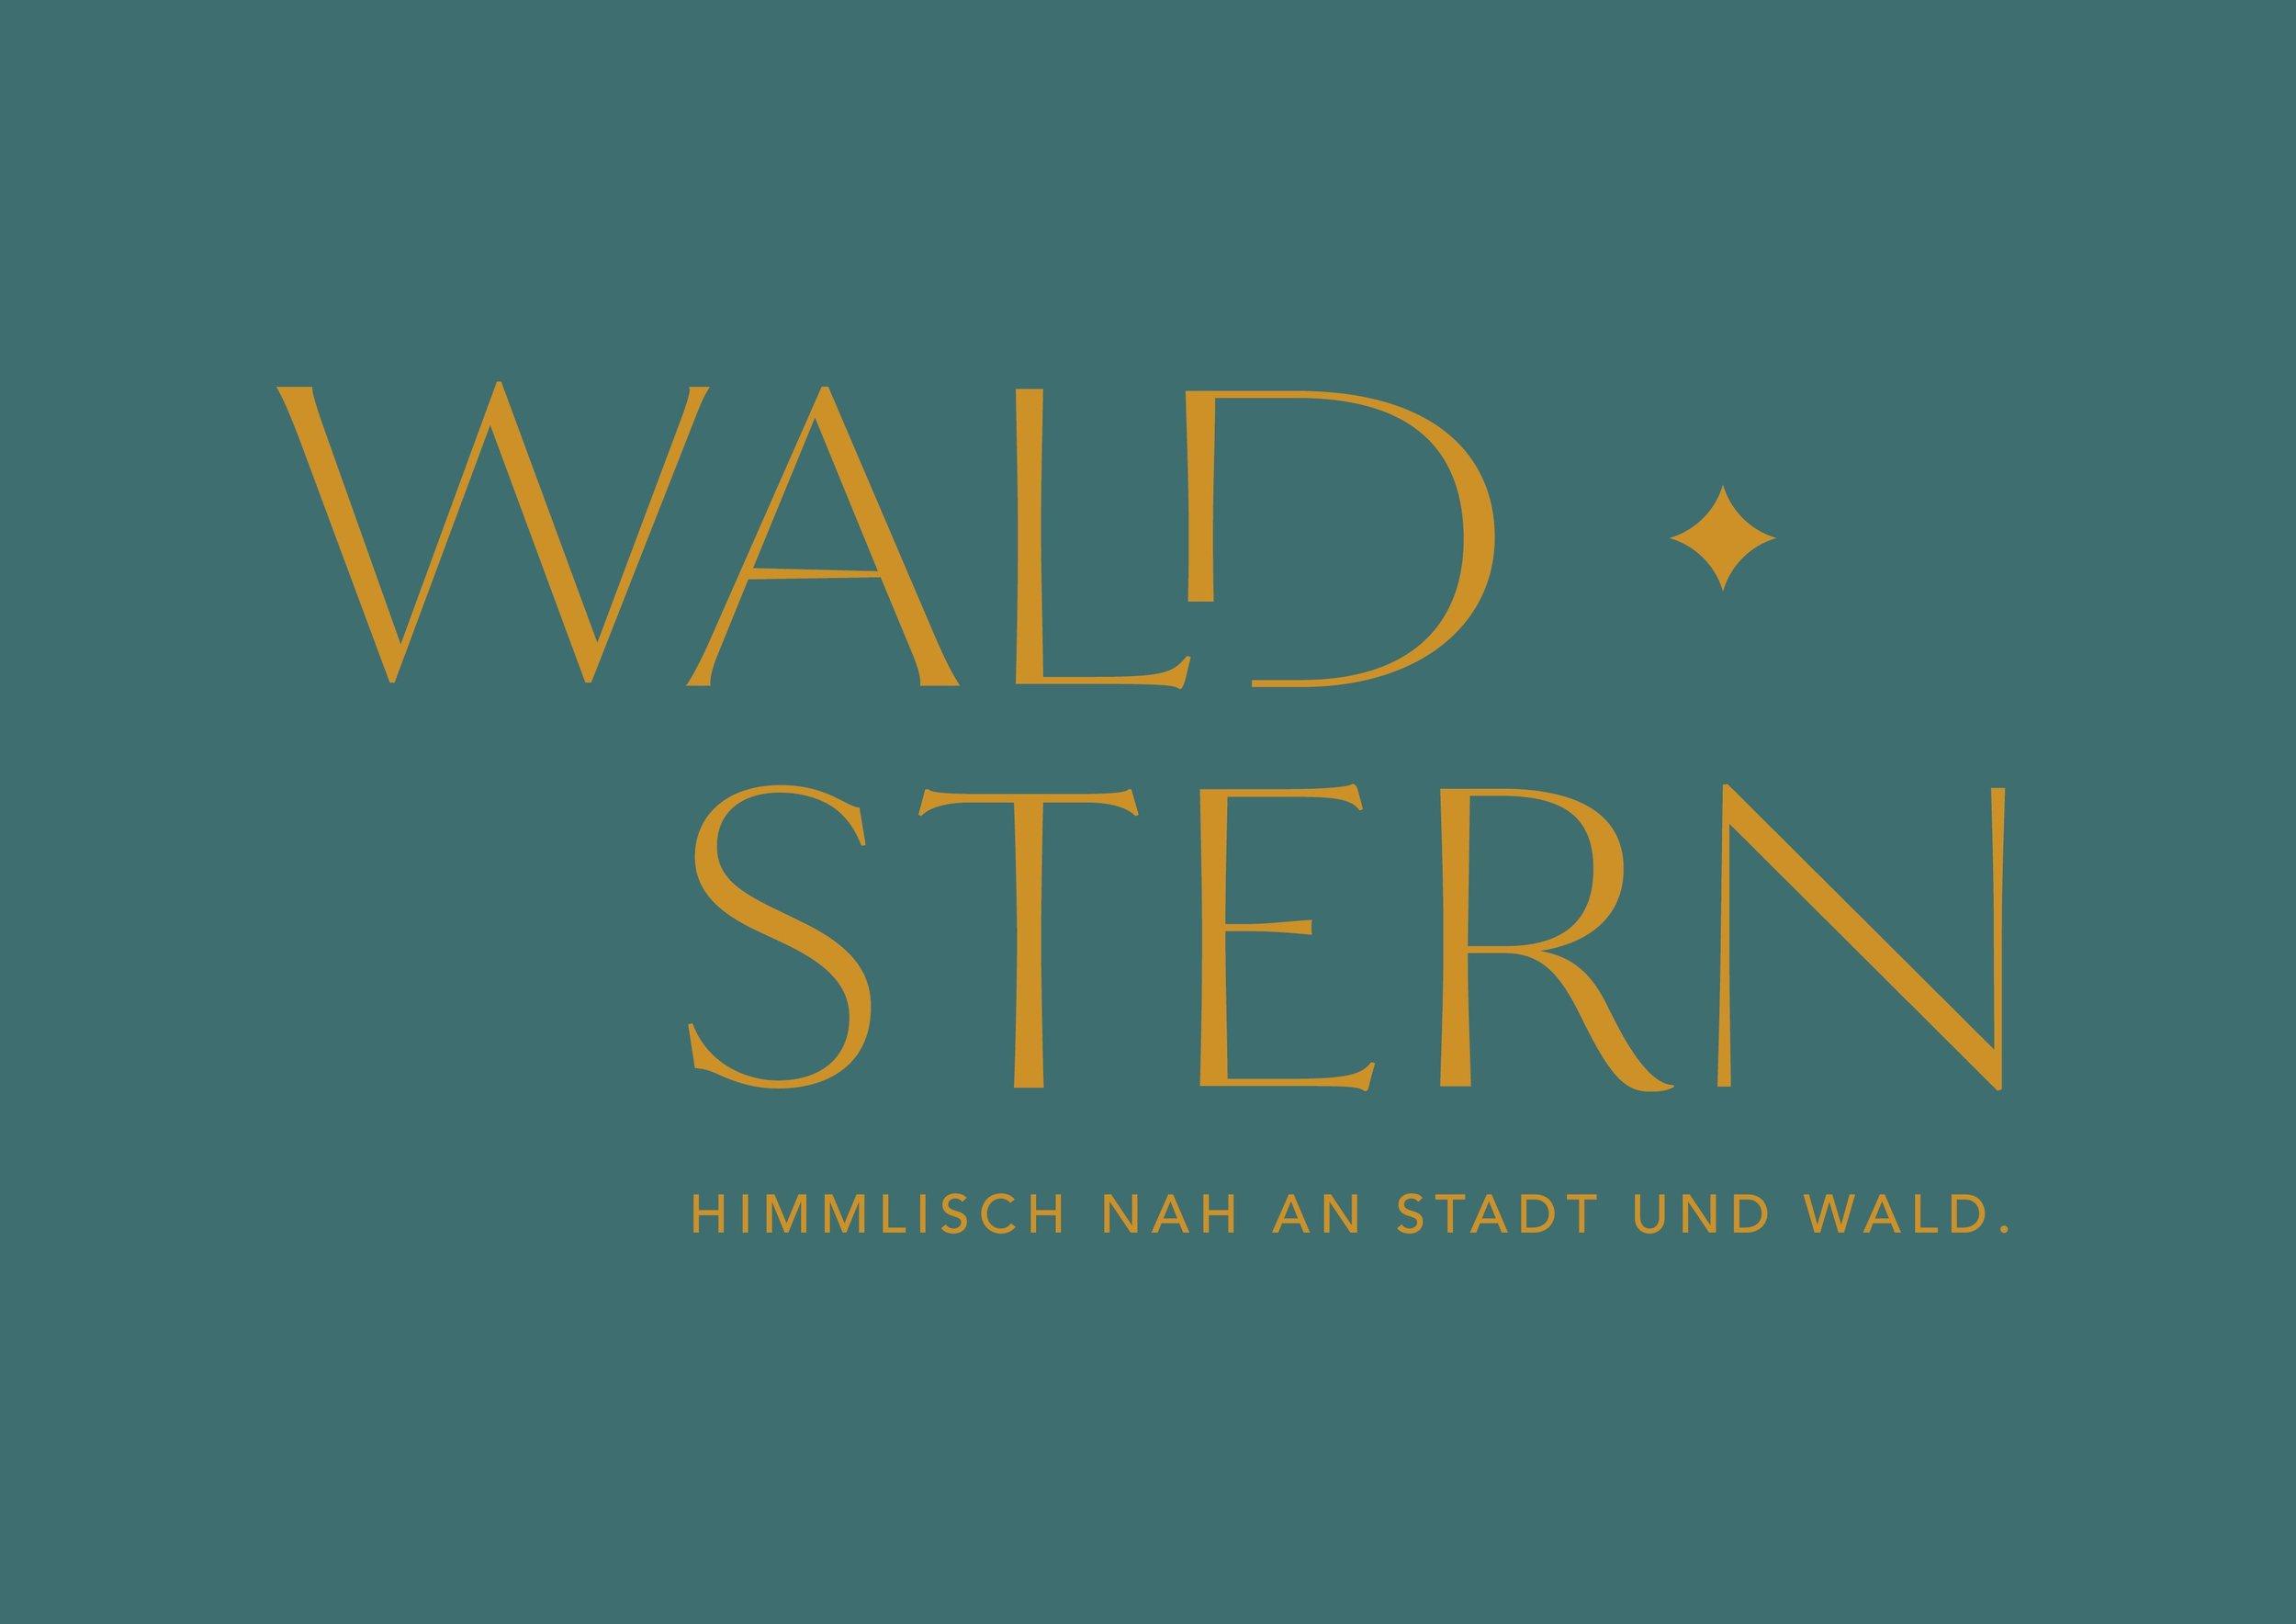 Waldstern - Himmlisch nah an Stadt und Wald. Birmensdorf Zürich Projektankündigung Verkauf Neubauprojekt Boll Immobilien .jpg